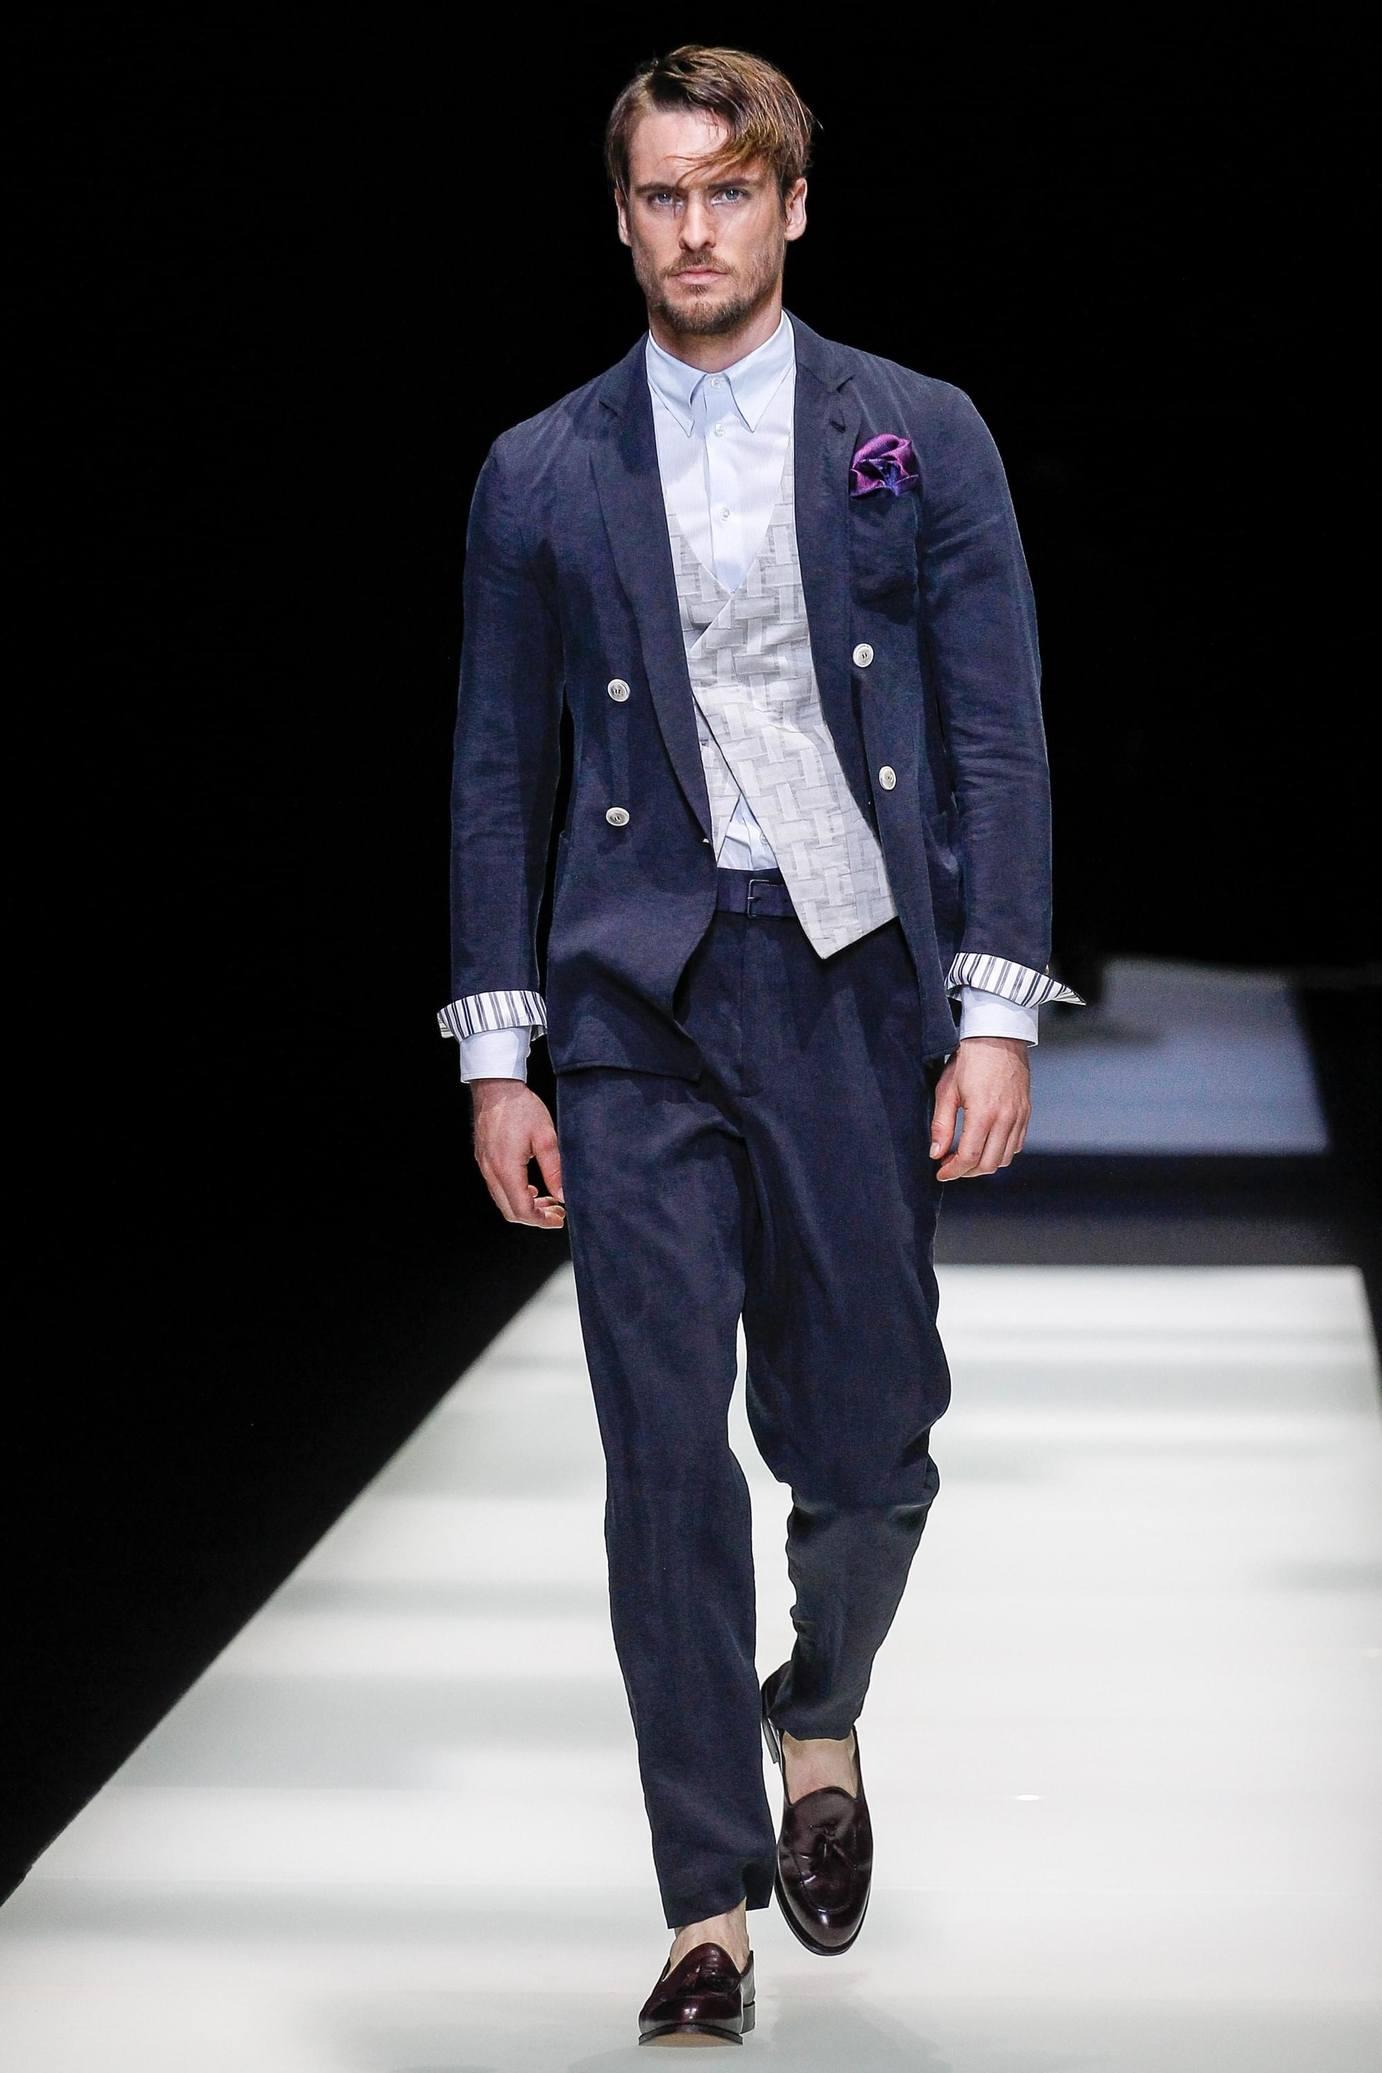 Mens business fashion summer 2018 27 Best Summer Business Attire Ideas for Men 2018 Pinterest